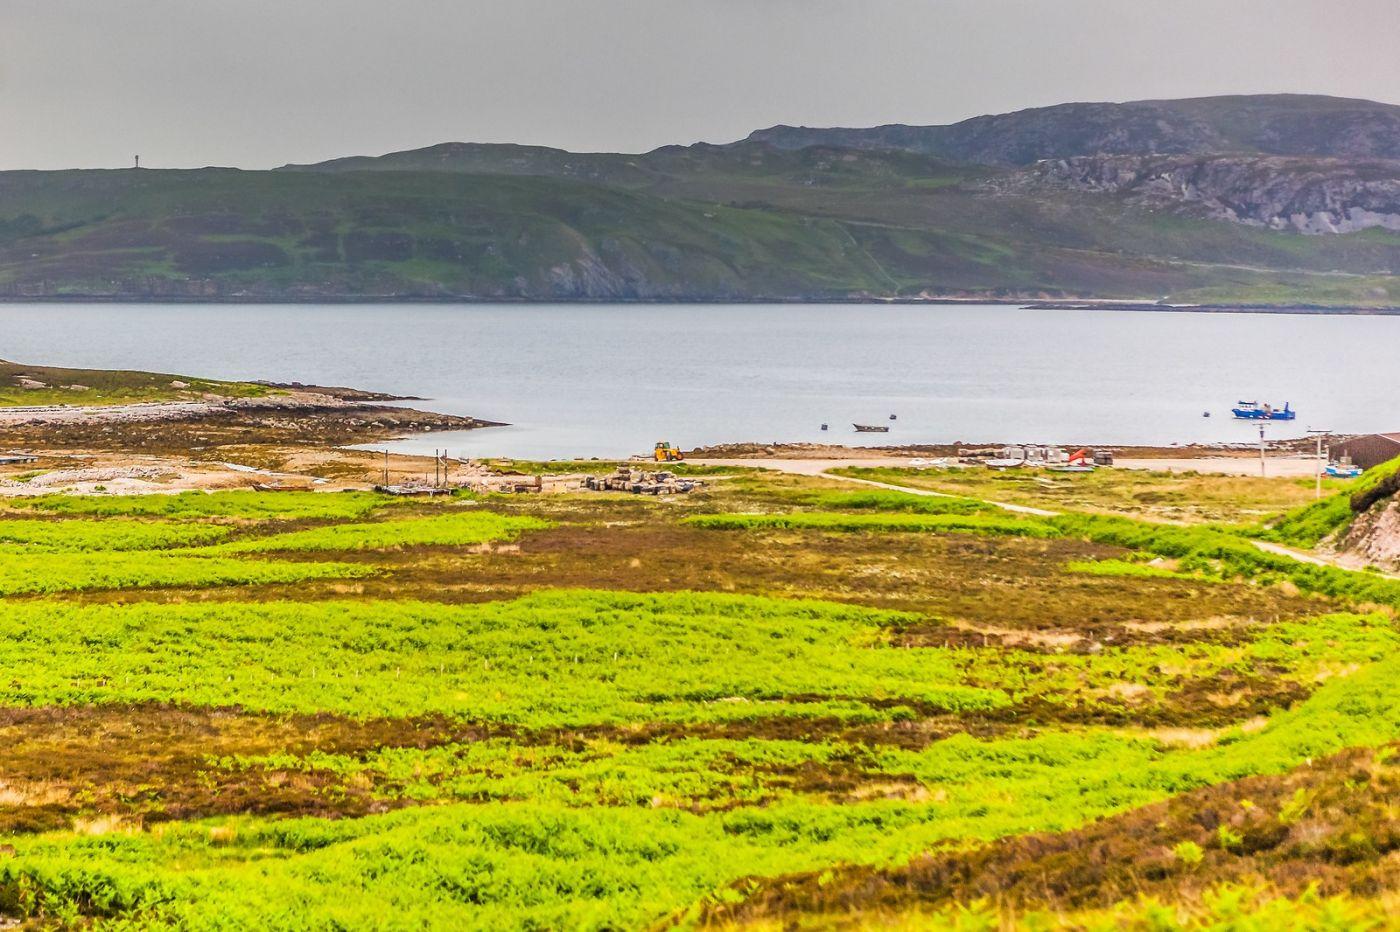 苏格兰美景,弯弯的沙滩_图1-18